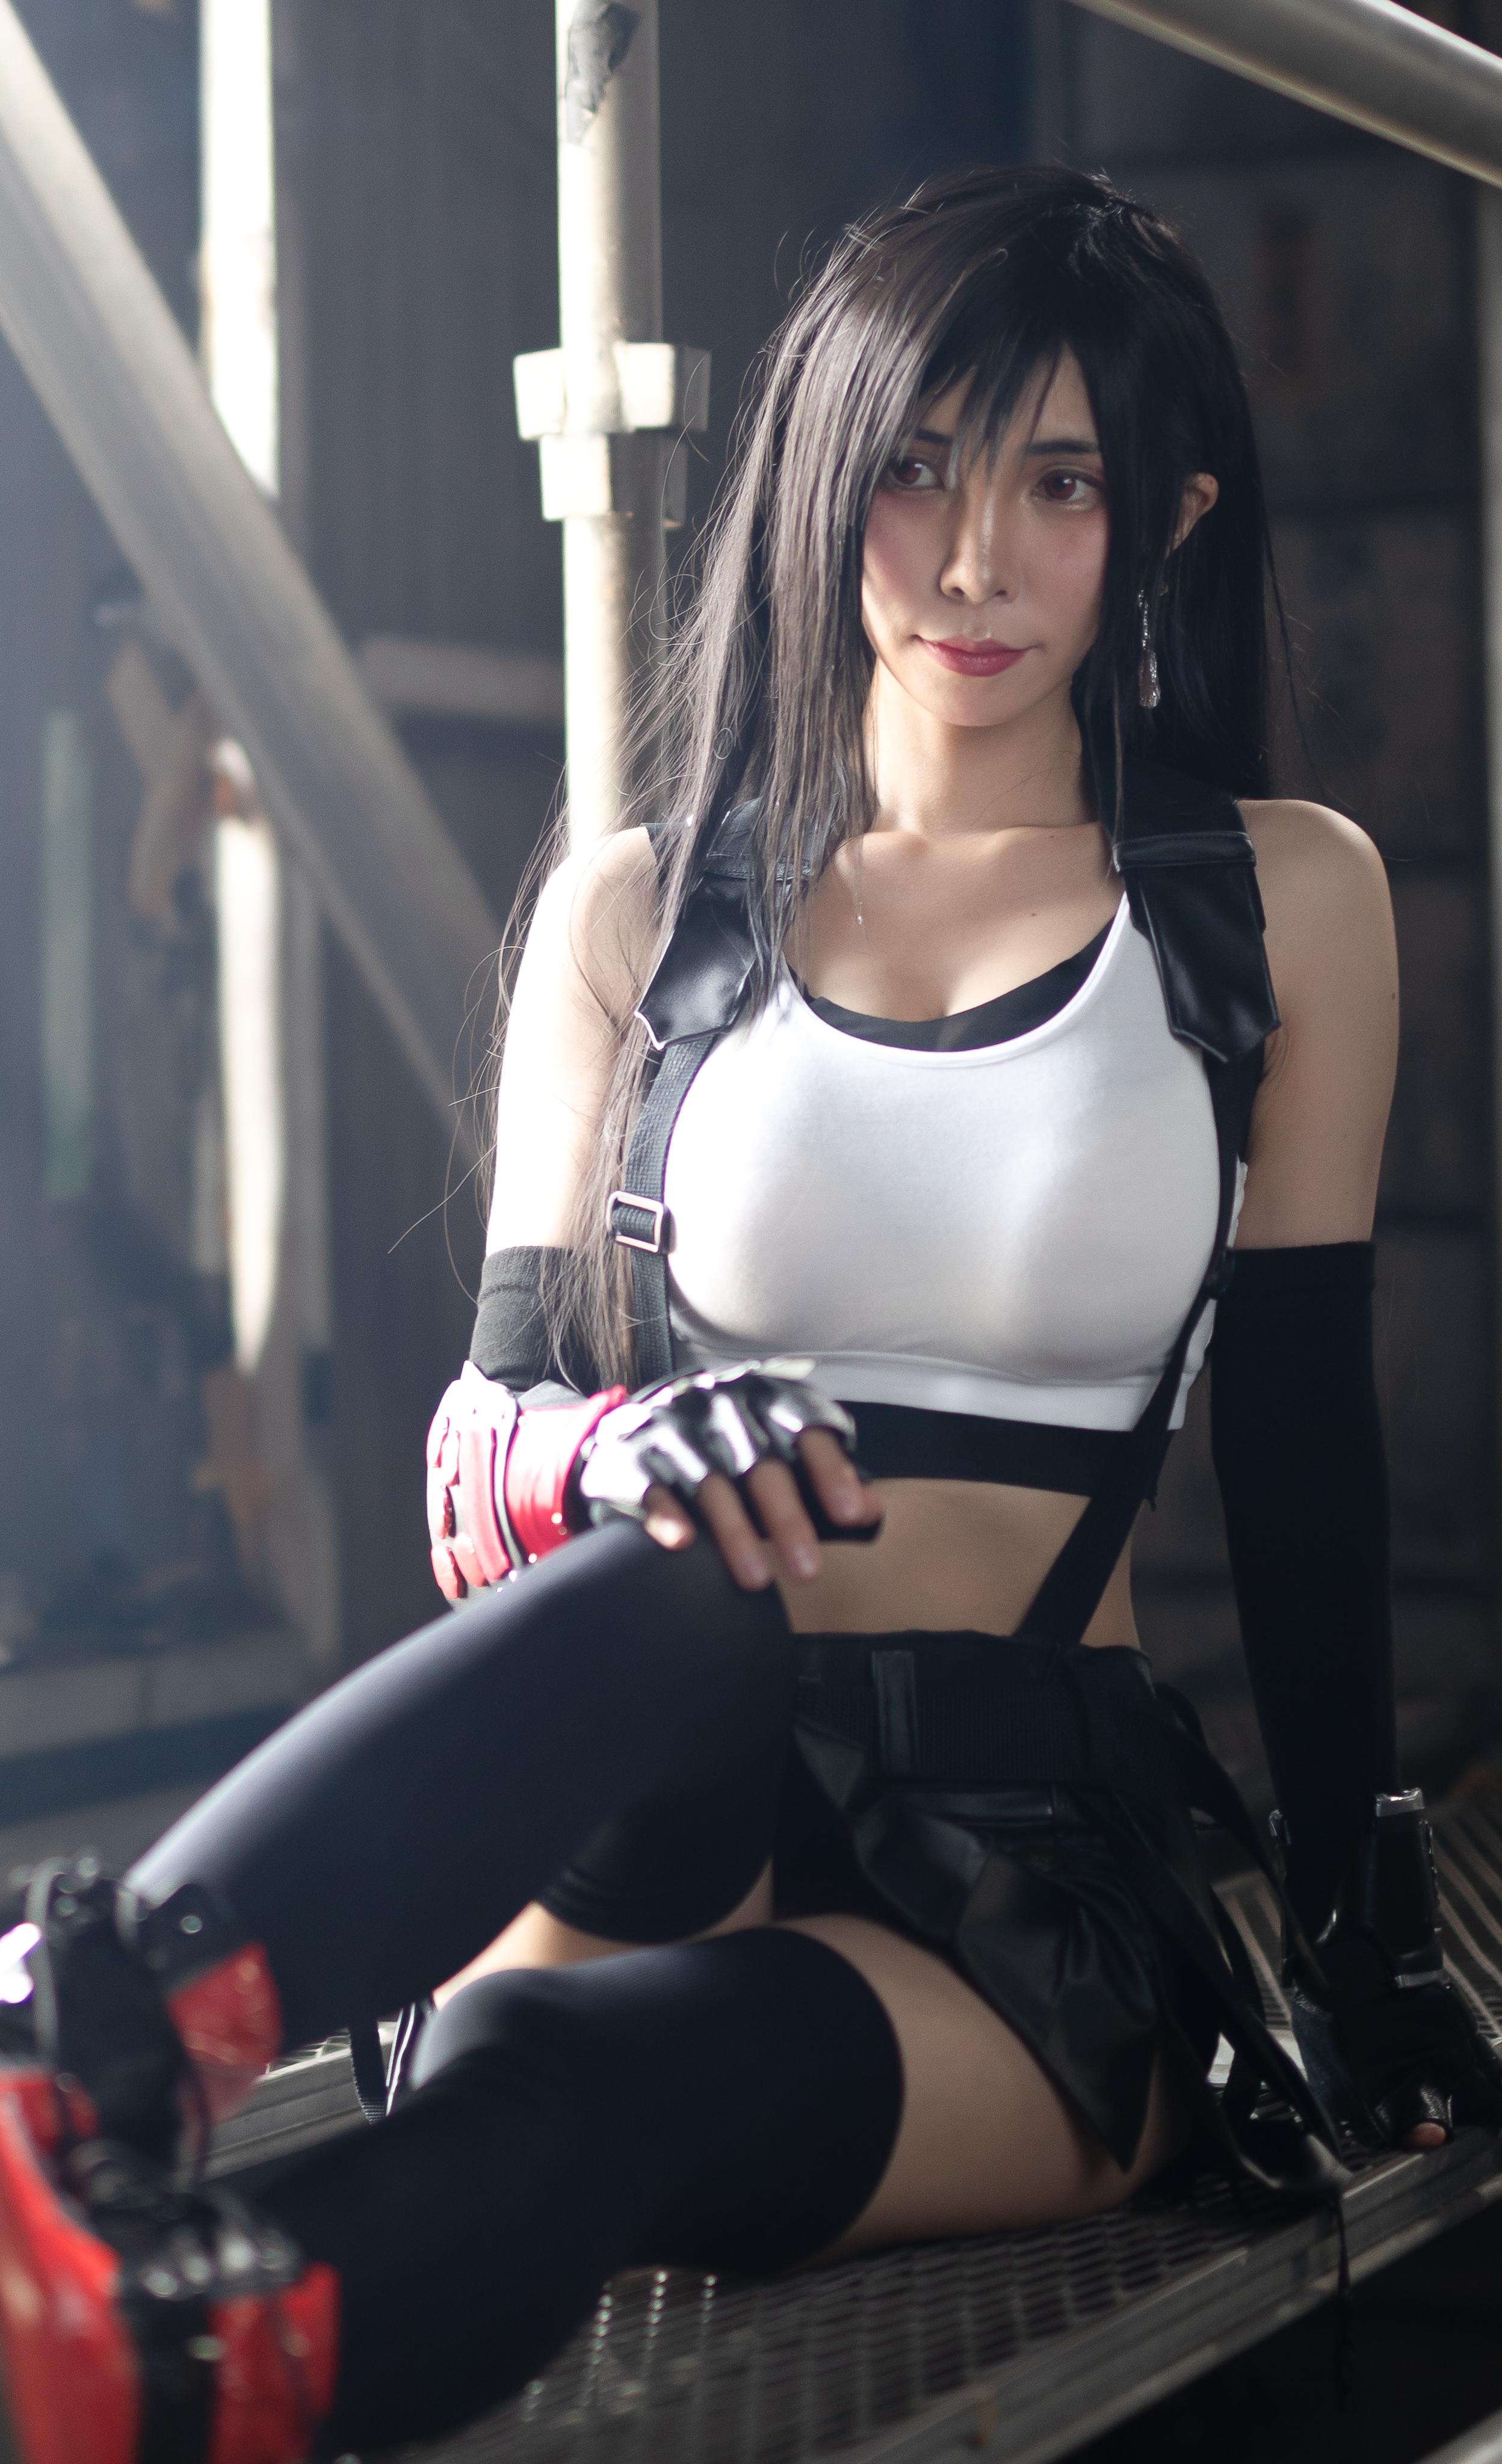 蒂法战斗服性感能打 猫耳美少女玉体横陈-COS精选一百六十三弹